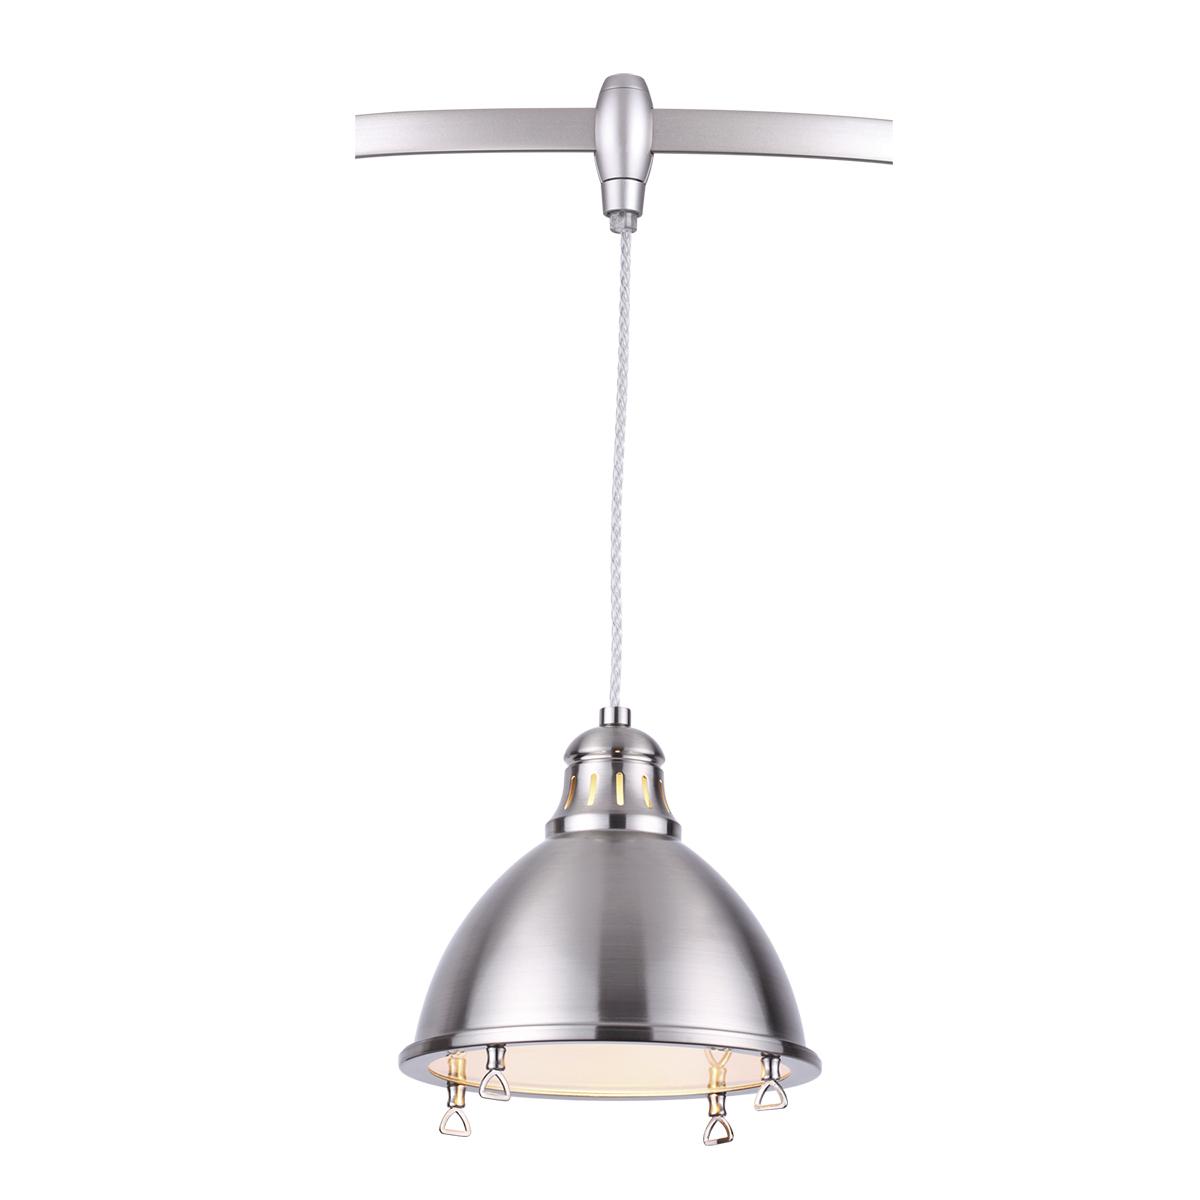 Подвесной светильник для гибкой системы Odeon Light Breta 3807/1A, 1xE27x60W, никель, металл - фото 1